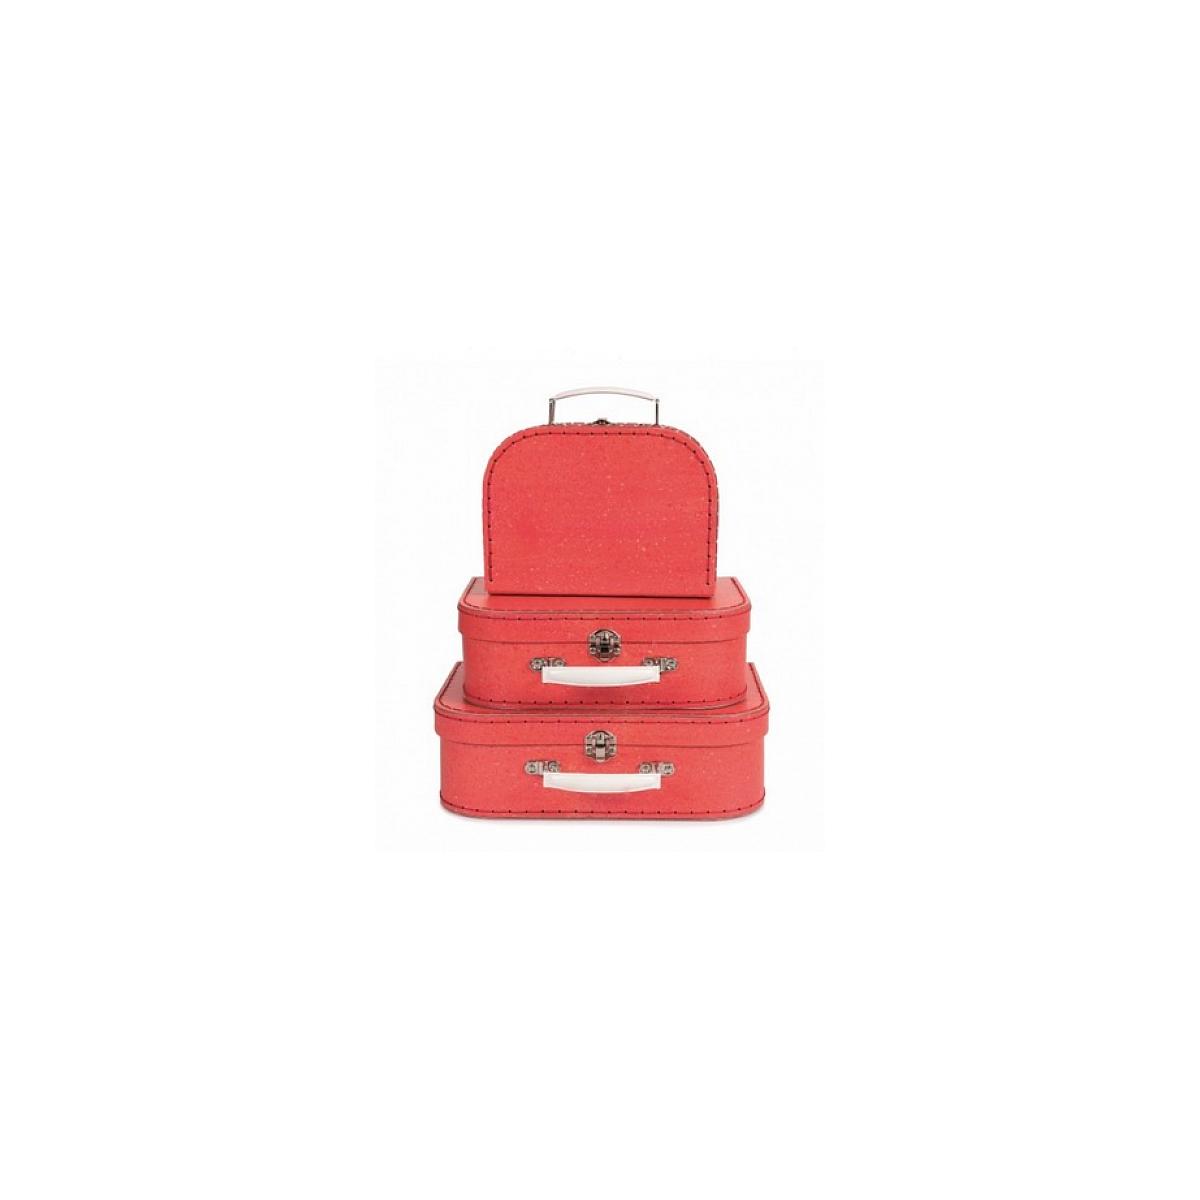 Egmont Toys - Set de 3 valises rouges